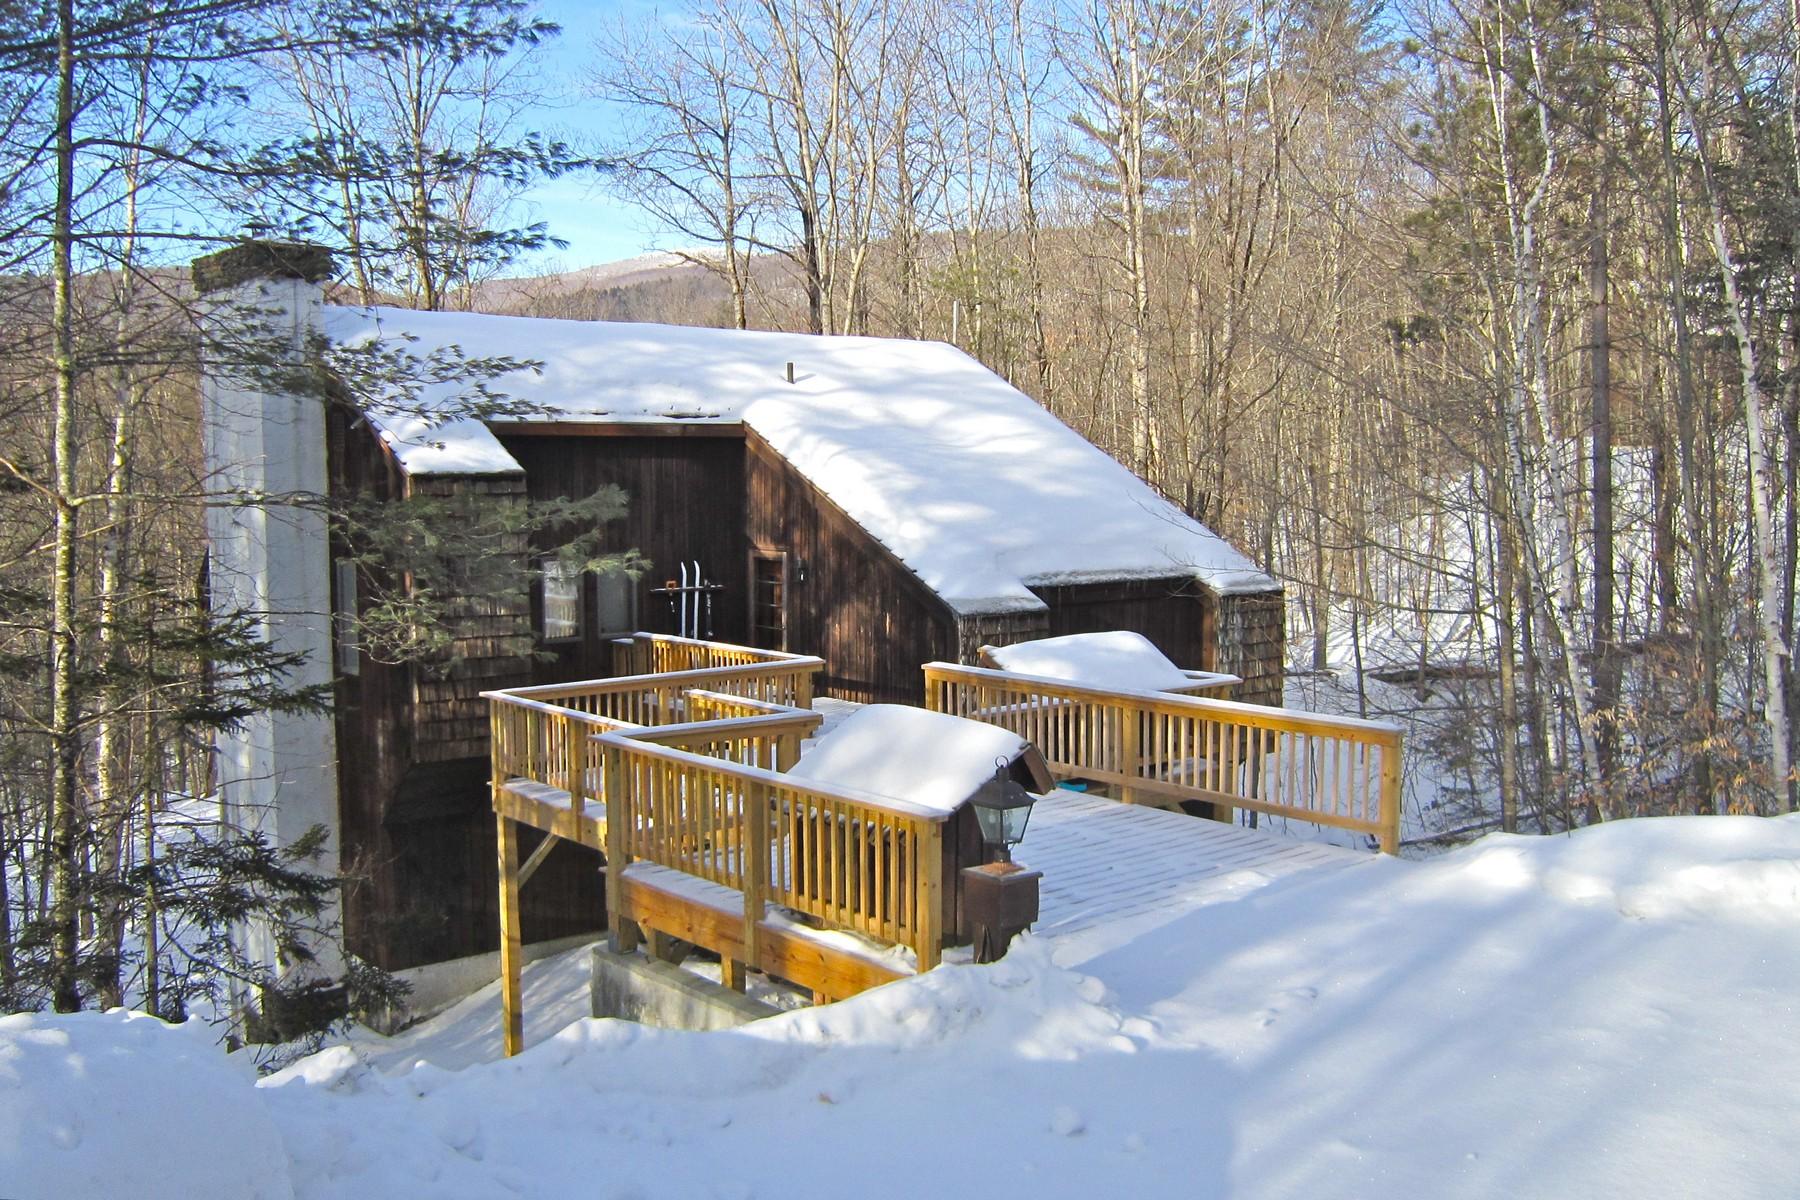 独户住宅 为 销售 在 Updated Four-Season Retreat 43 Goshawk SA2-55 普利茅斯, 佛蒙特州, 05056 美国